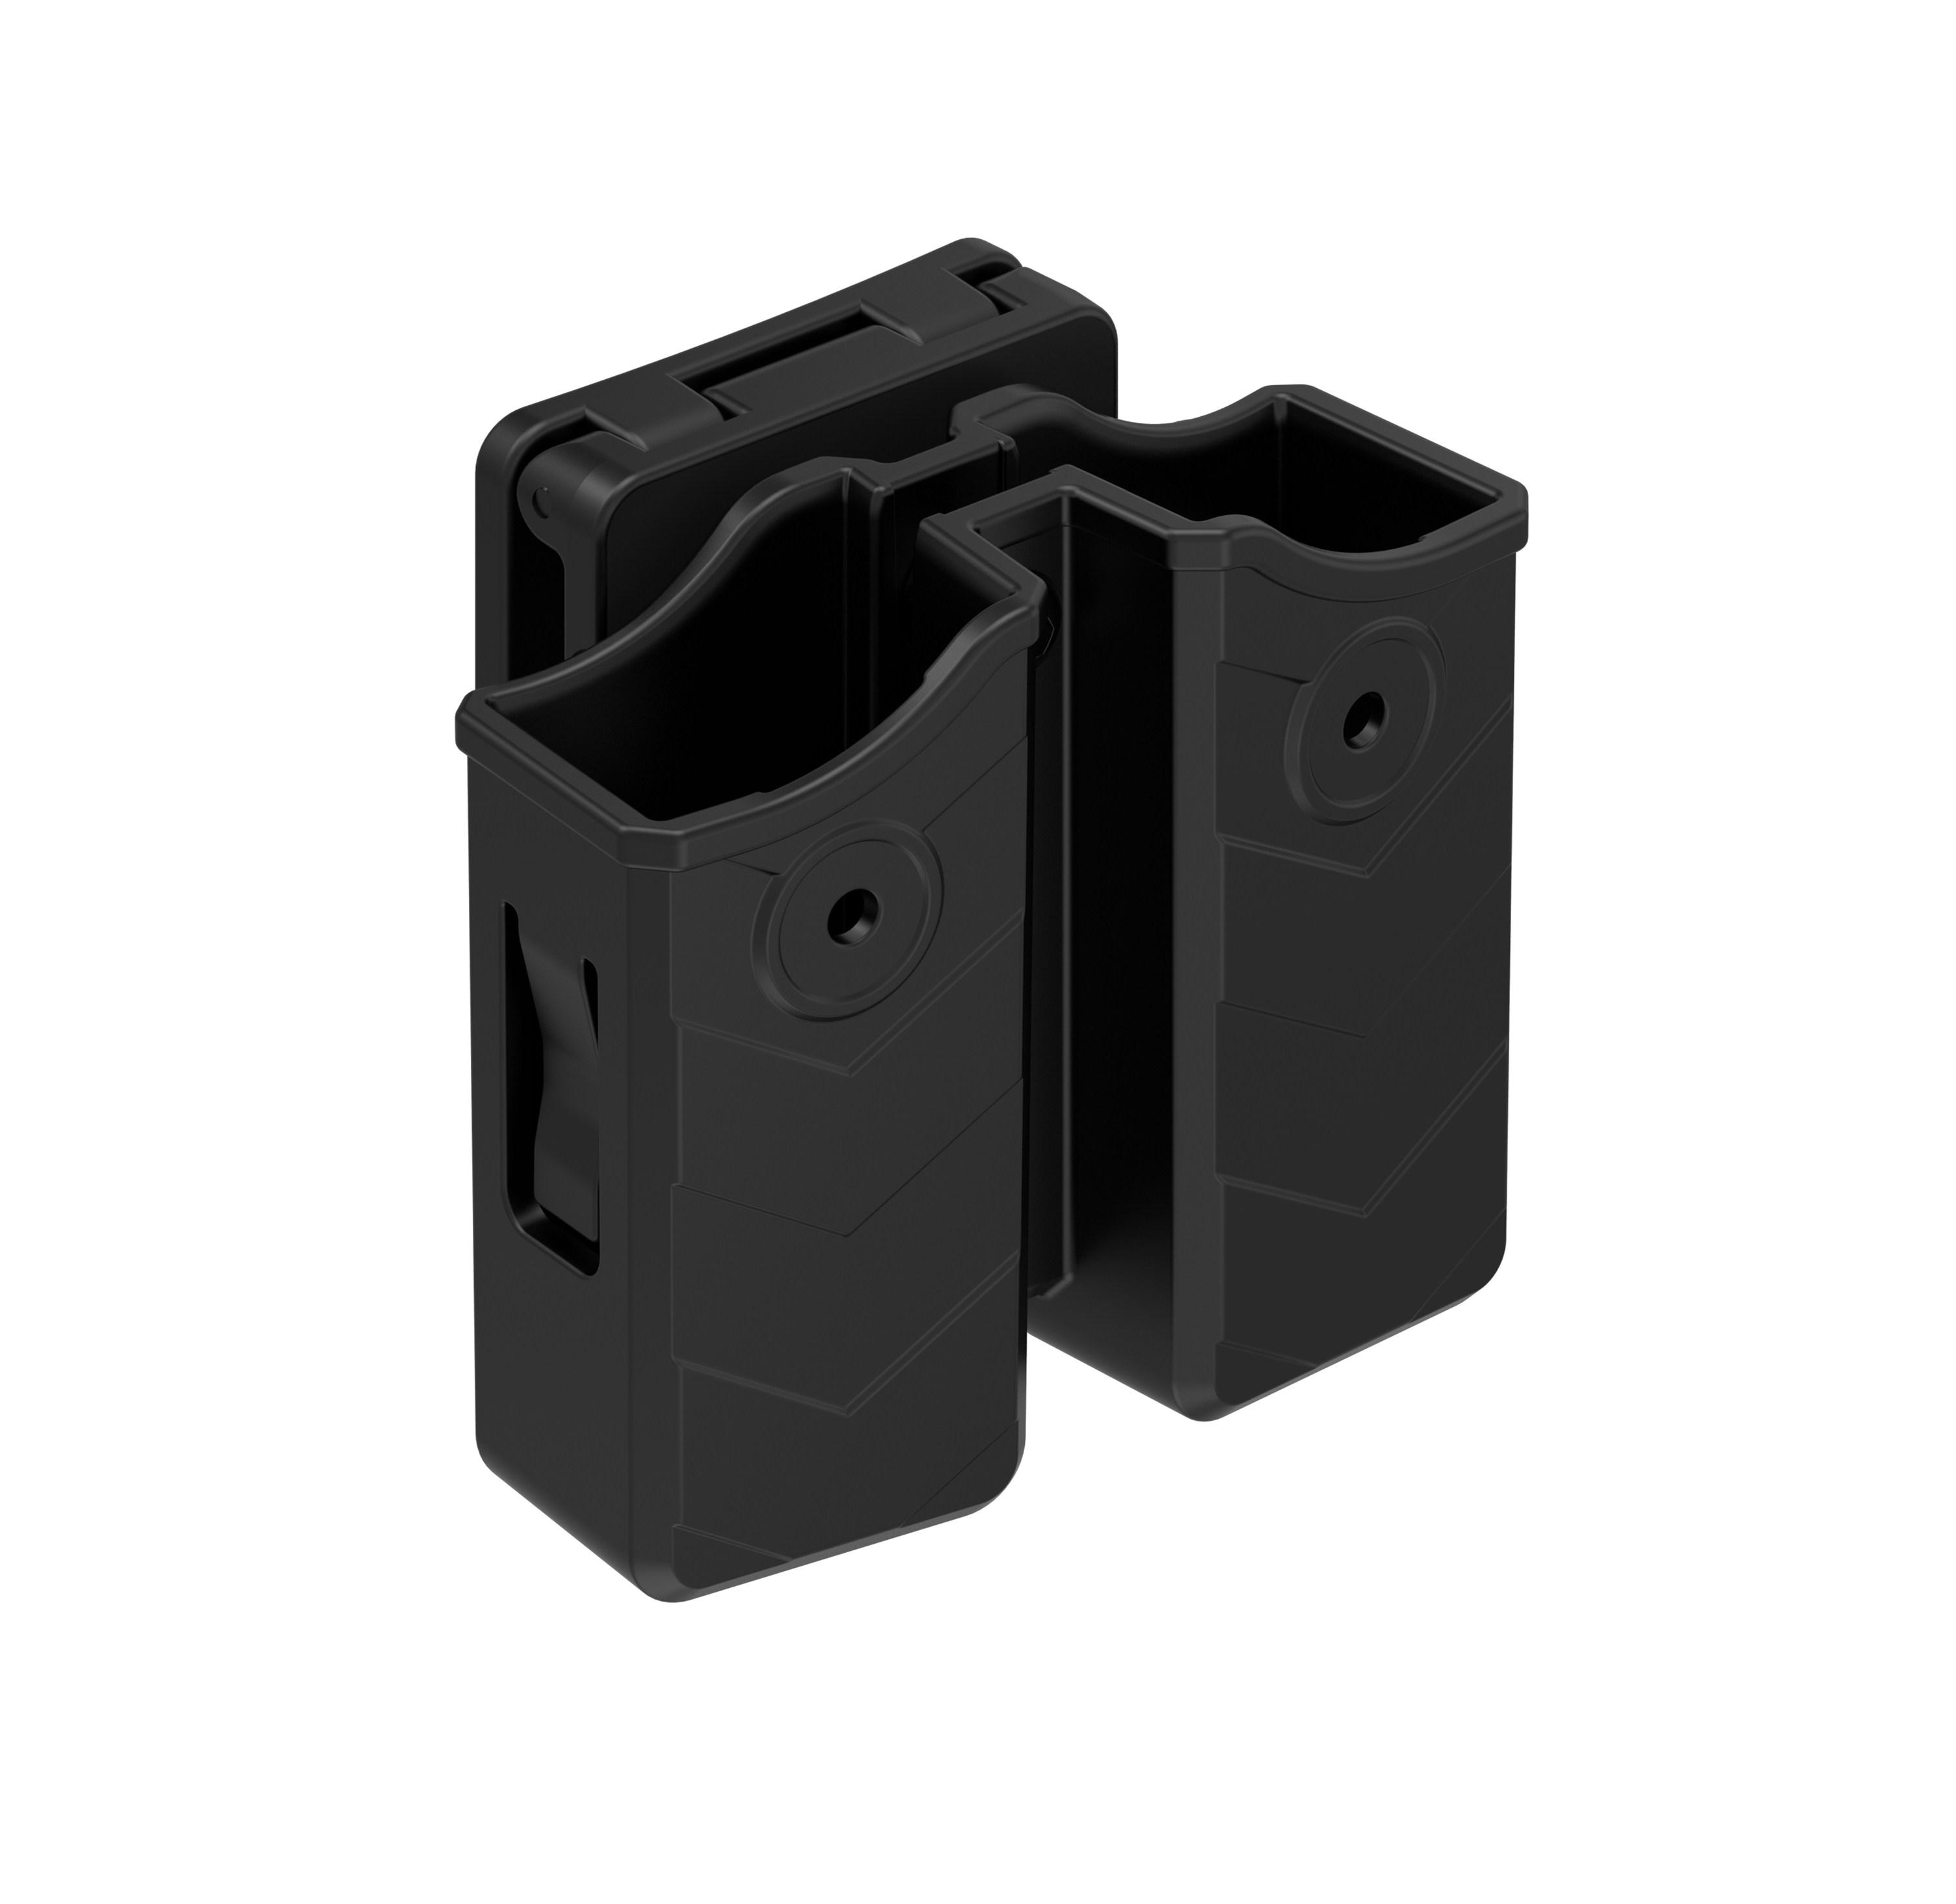 Новая военная тактическая охотничья сумка для магазина Скрытая универсальная двойная стек Магнитная сумка 9 мм/.40 держатель с зажимом для ремня